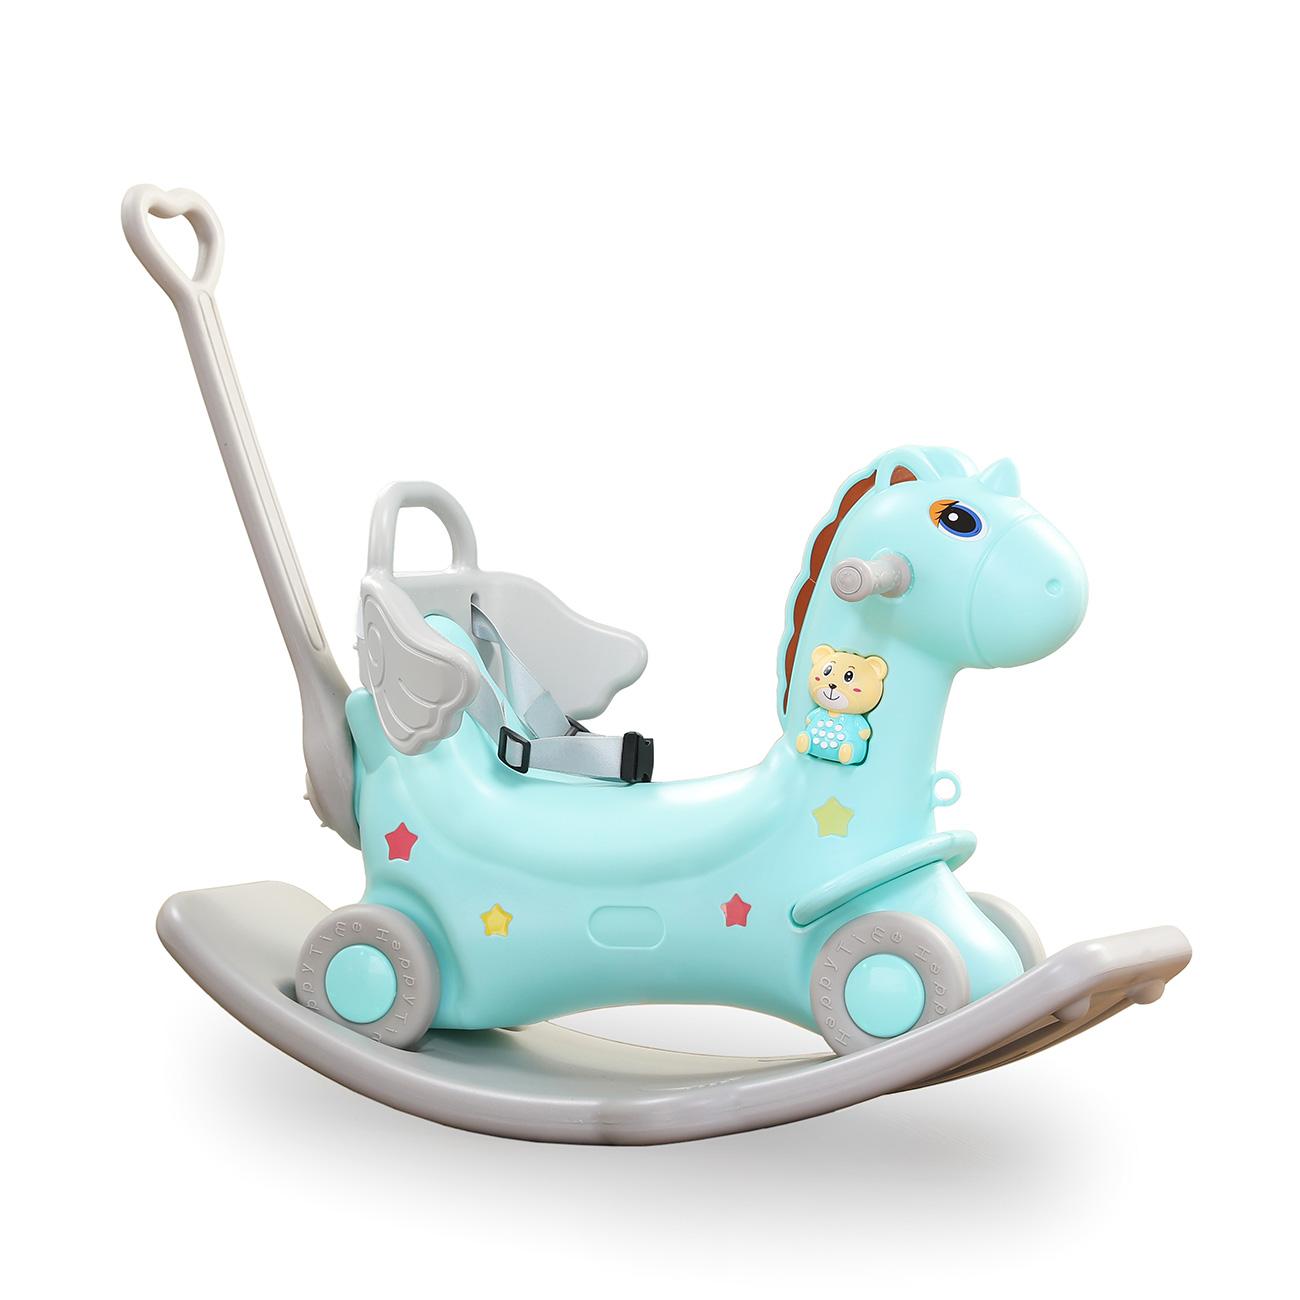 Cavallo A Dondolo Con Ruote.Baby Vivo Cavallo A Dondolo Unicorno A Dondolo Con Ruote